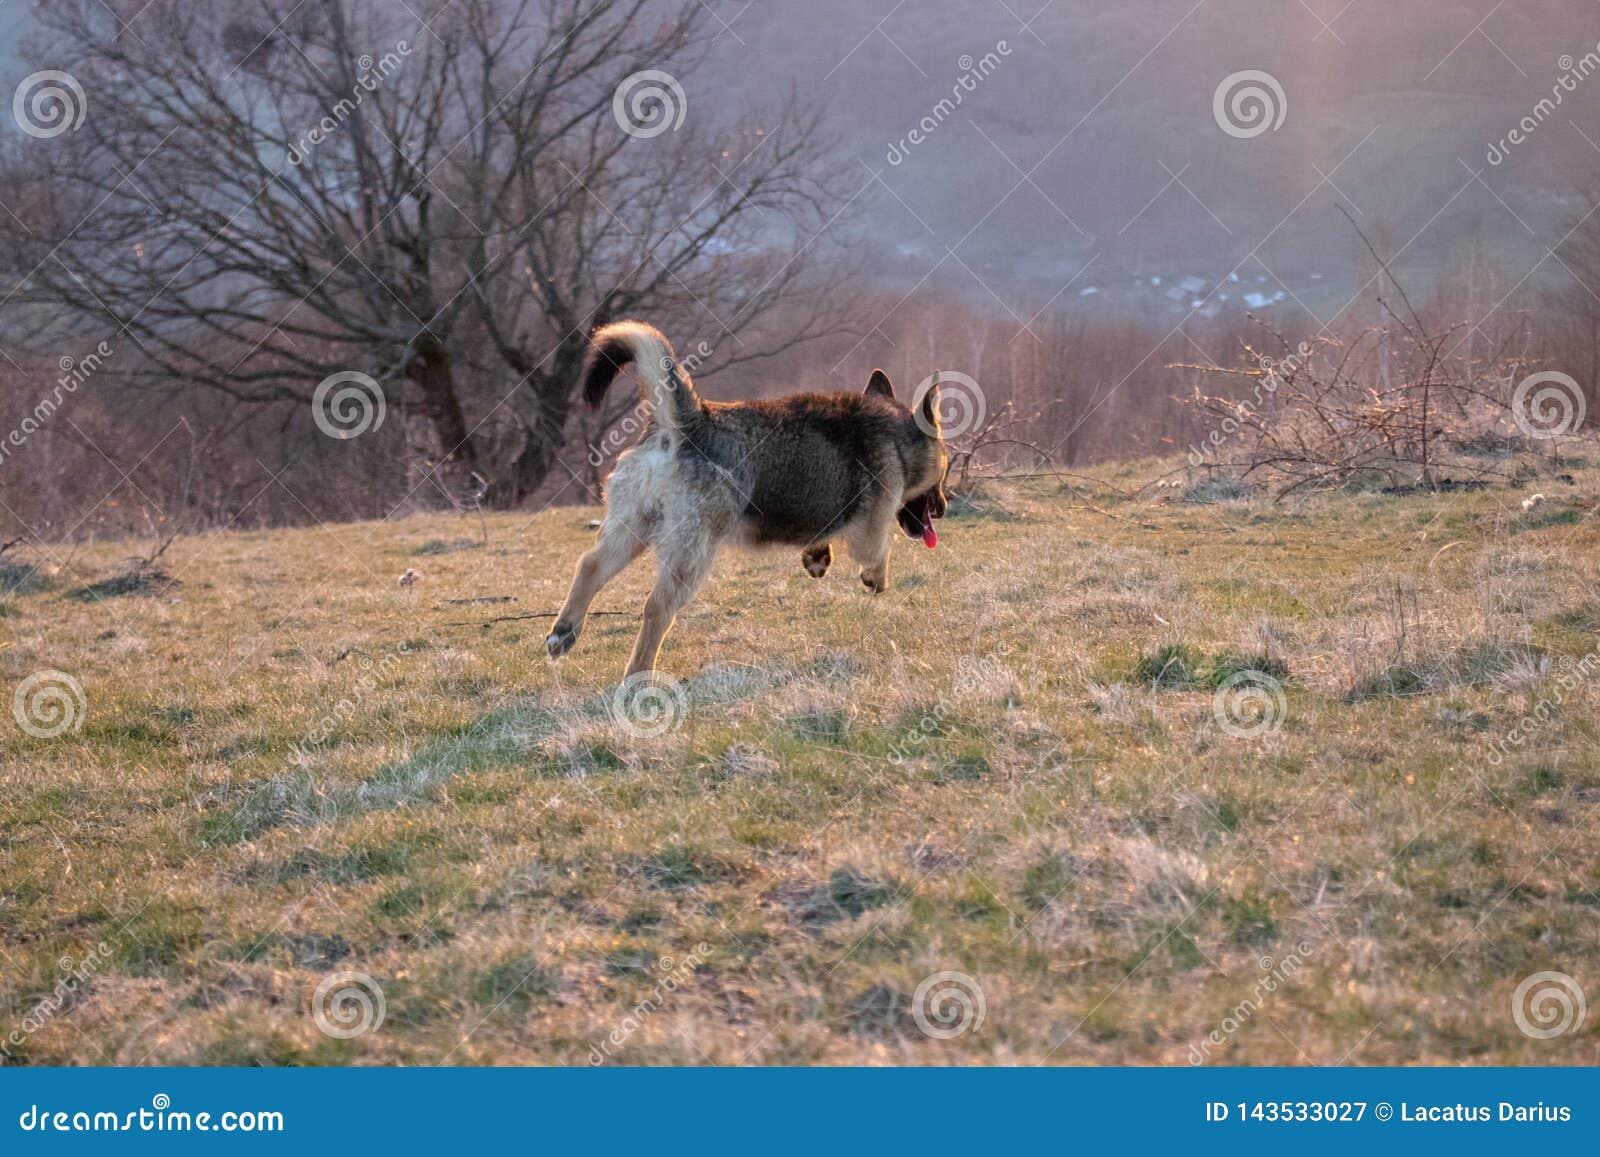 Le chien sautant comme un renard